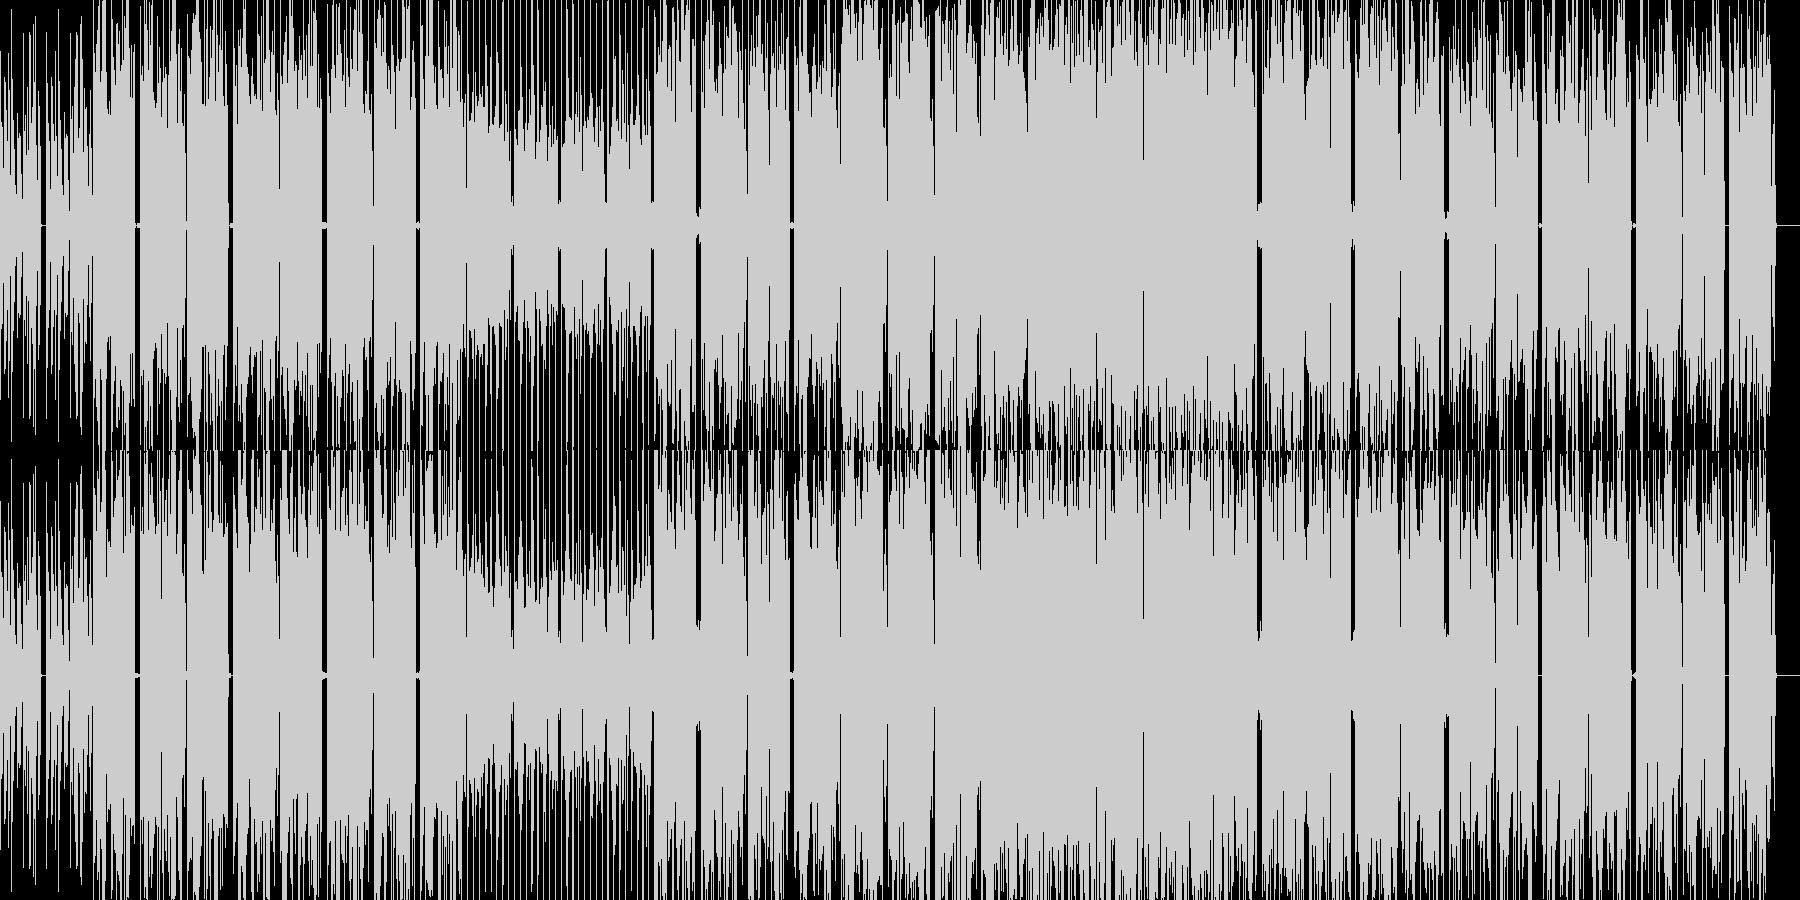 ディストピアに合う機械的なエレクトロニカの未再生の波形